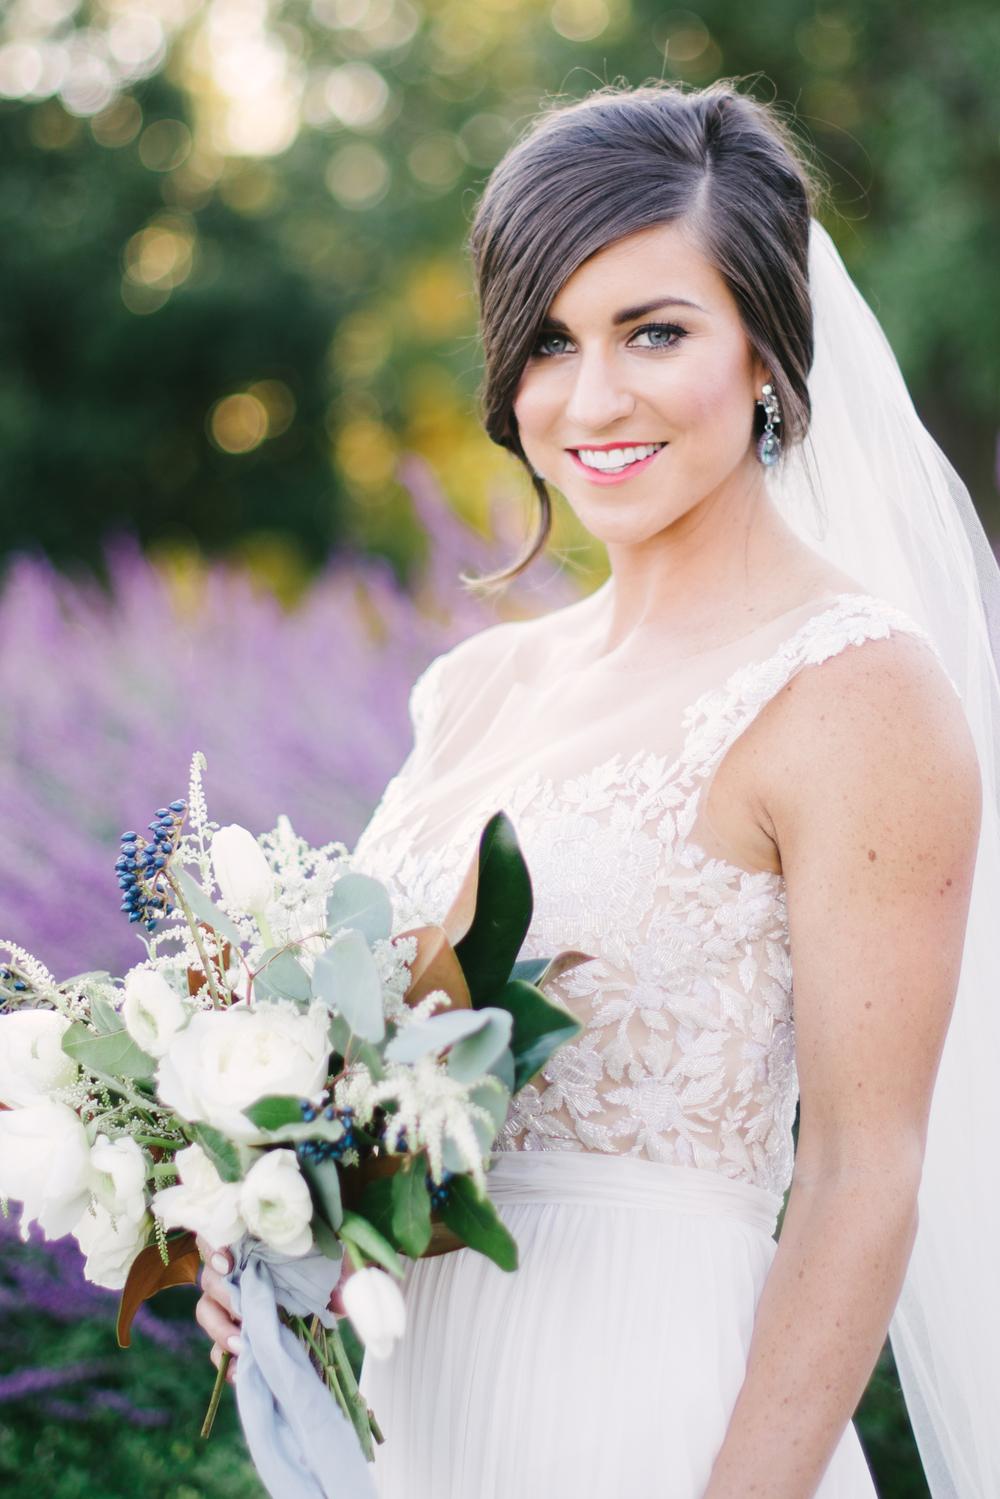 Reem-Acra-Bride-Garden-Bridal-Inspiration-42.jpg